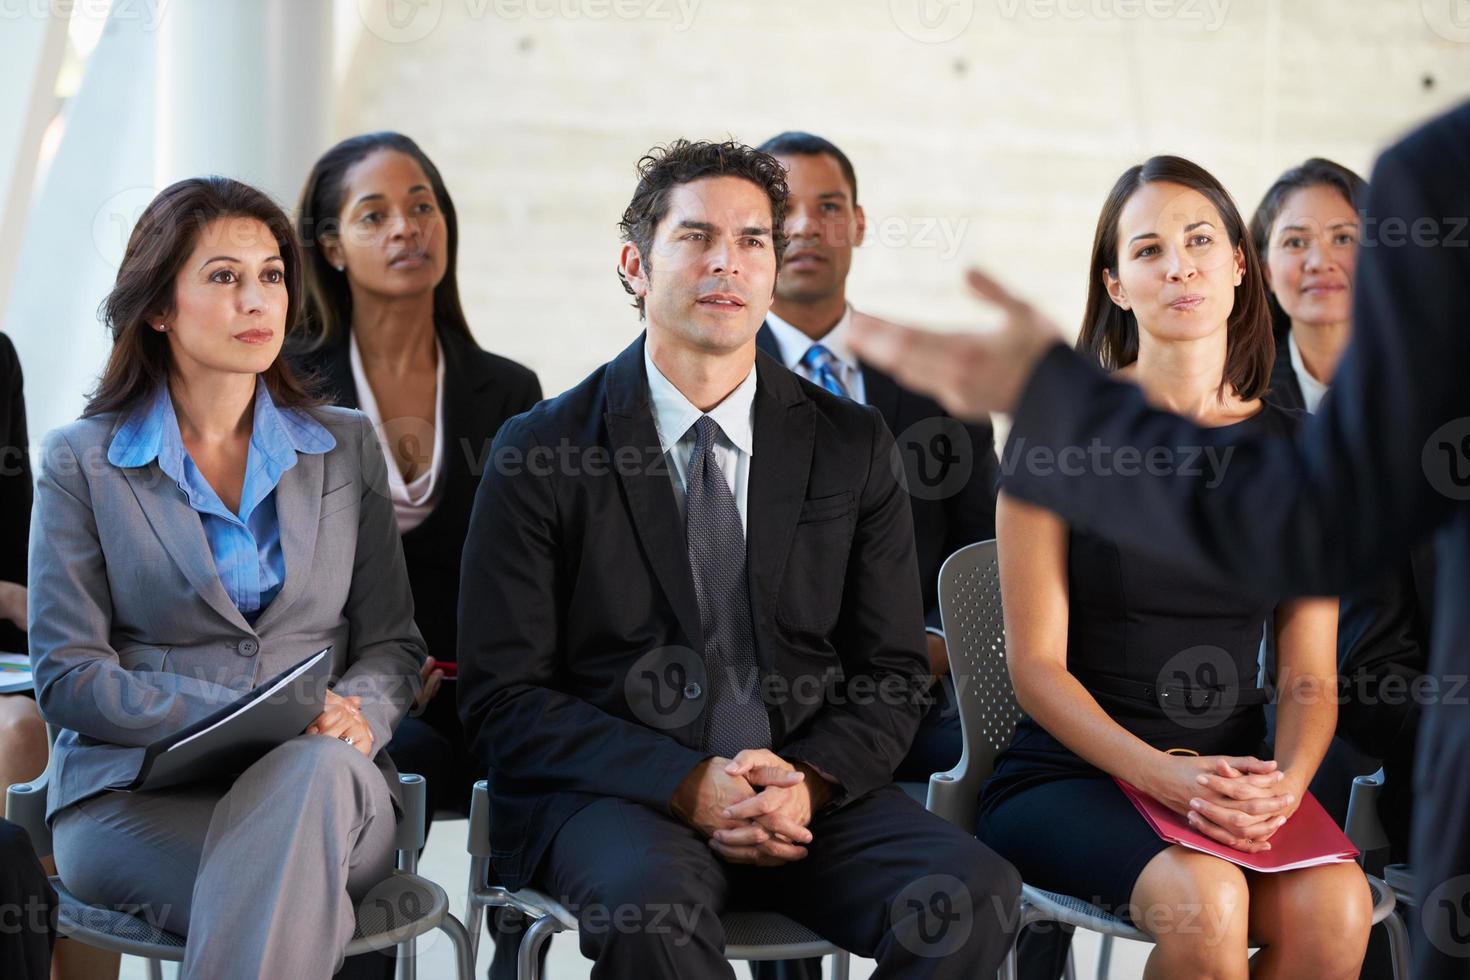 affärsmän och kvinnor sitter uppmärksamt vid presentationen foto